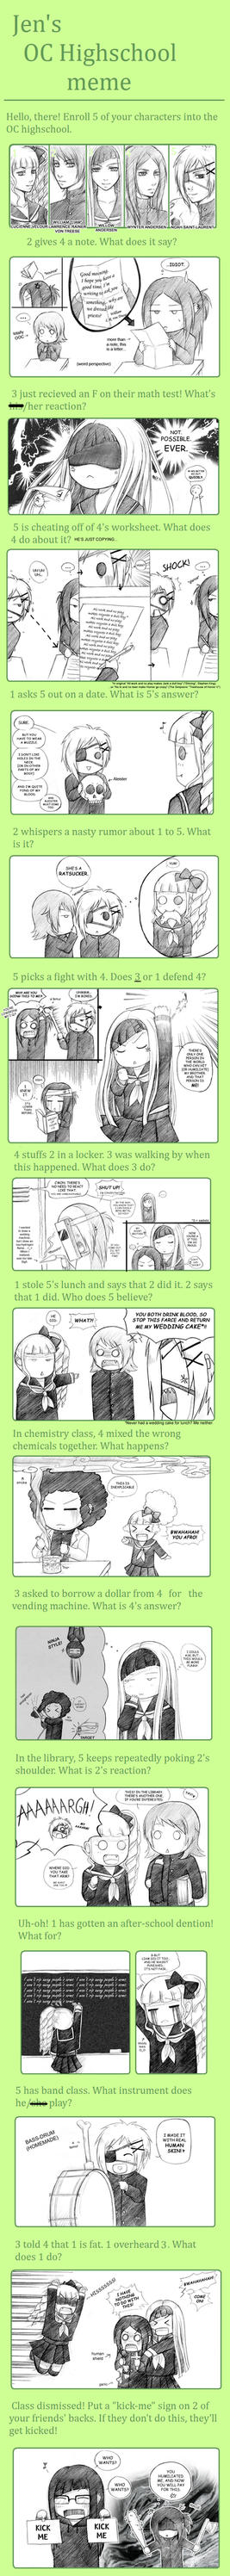 OC Highschool Meme by zero0810